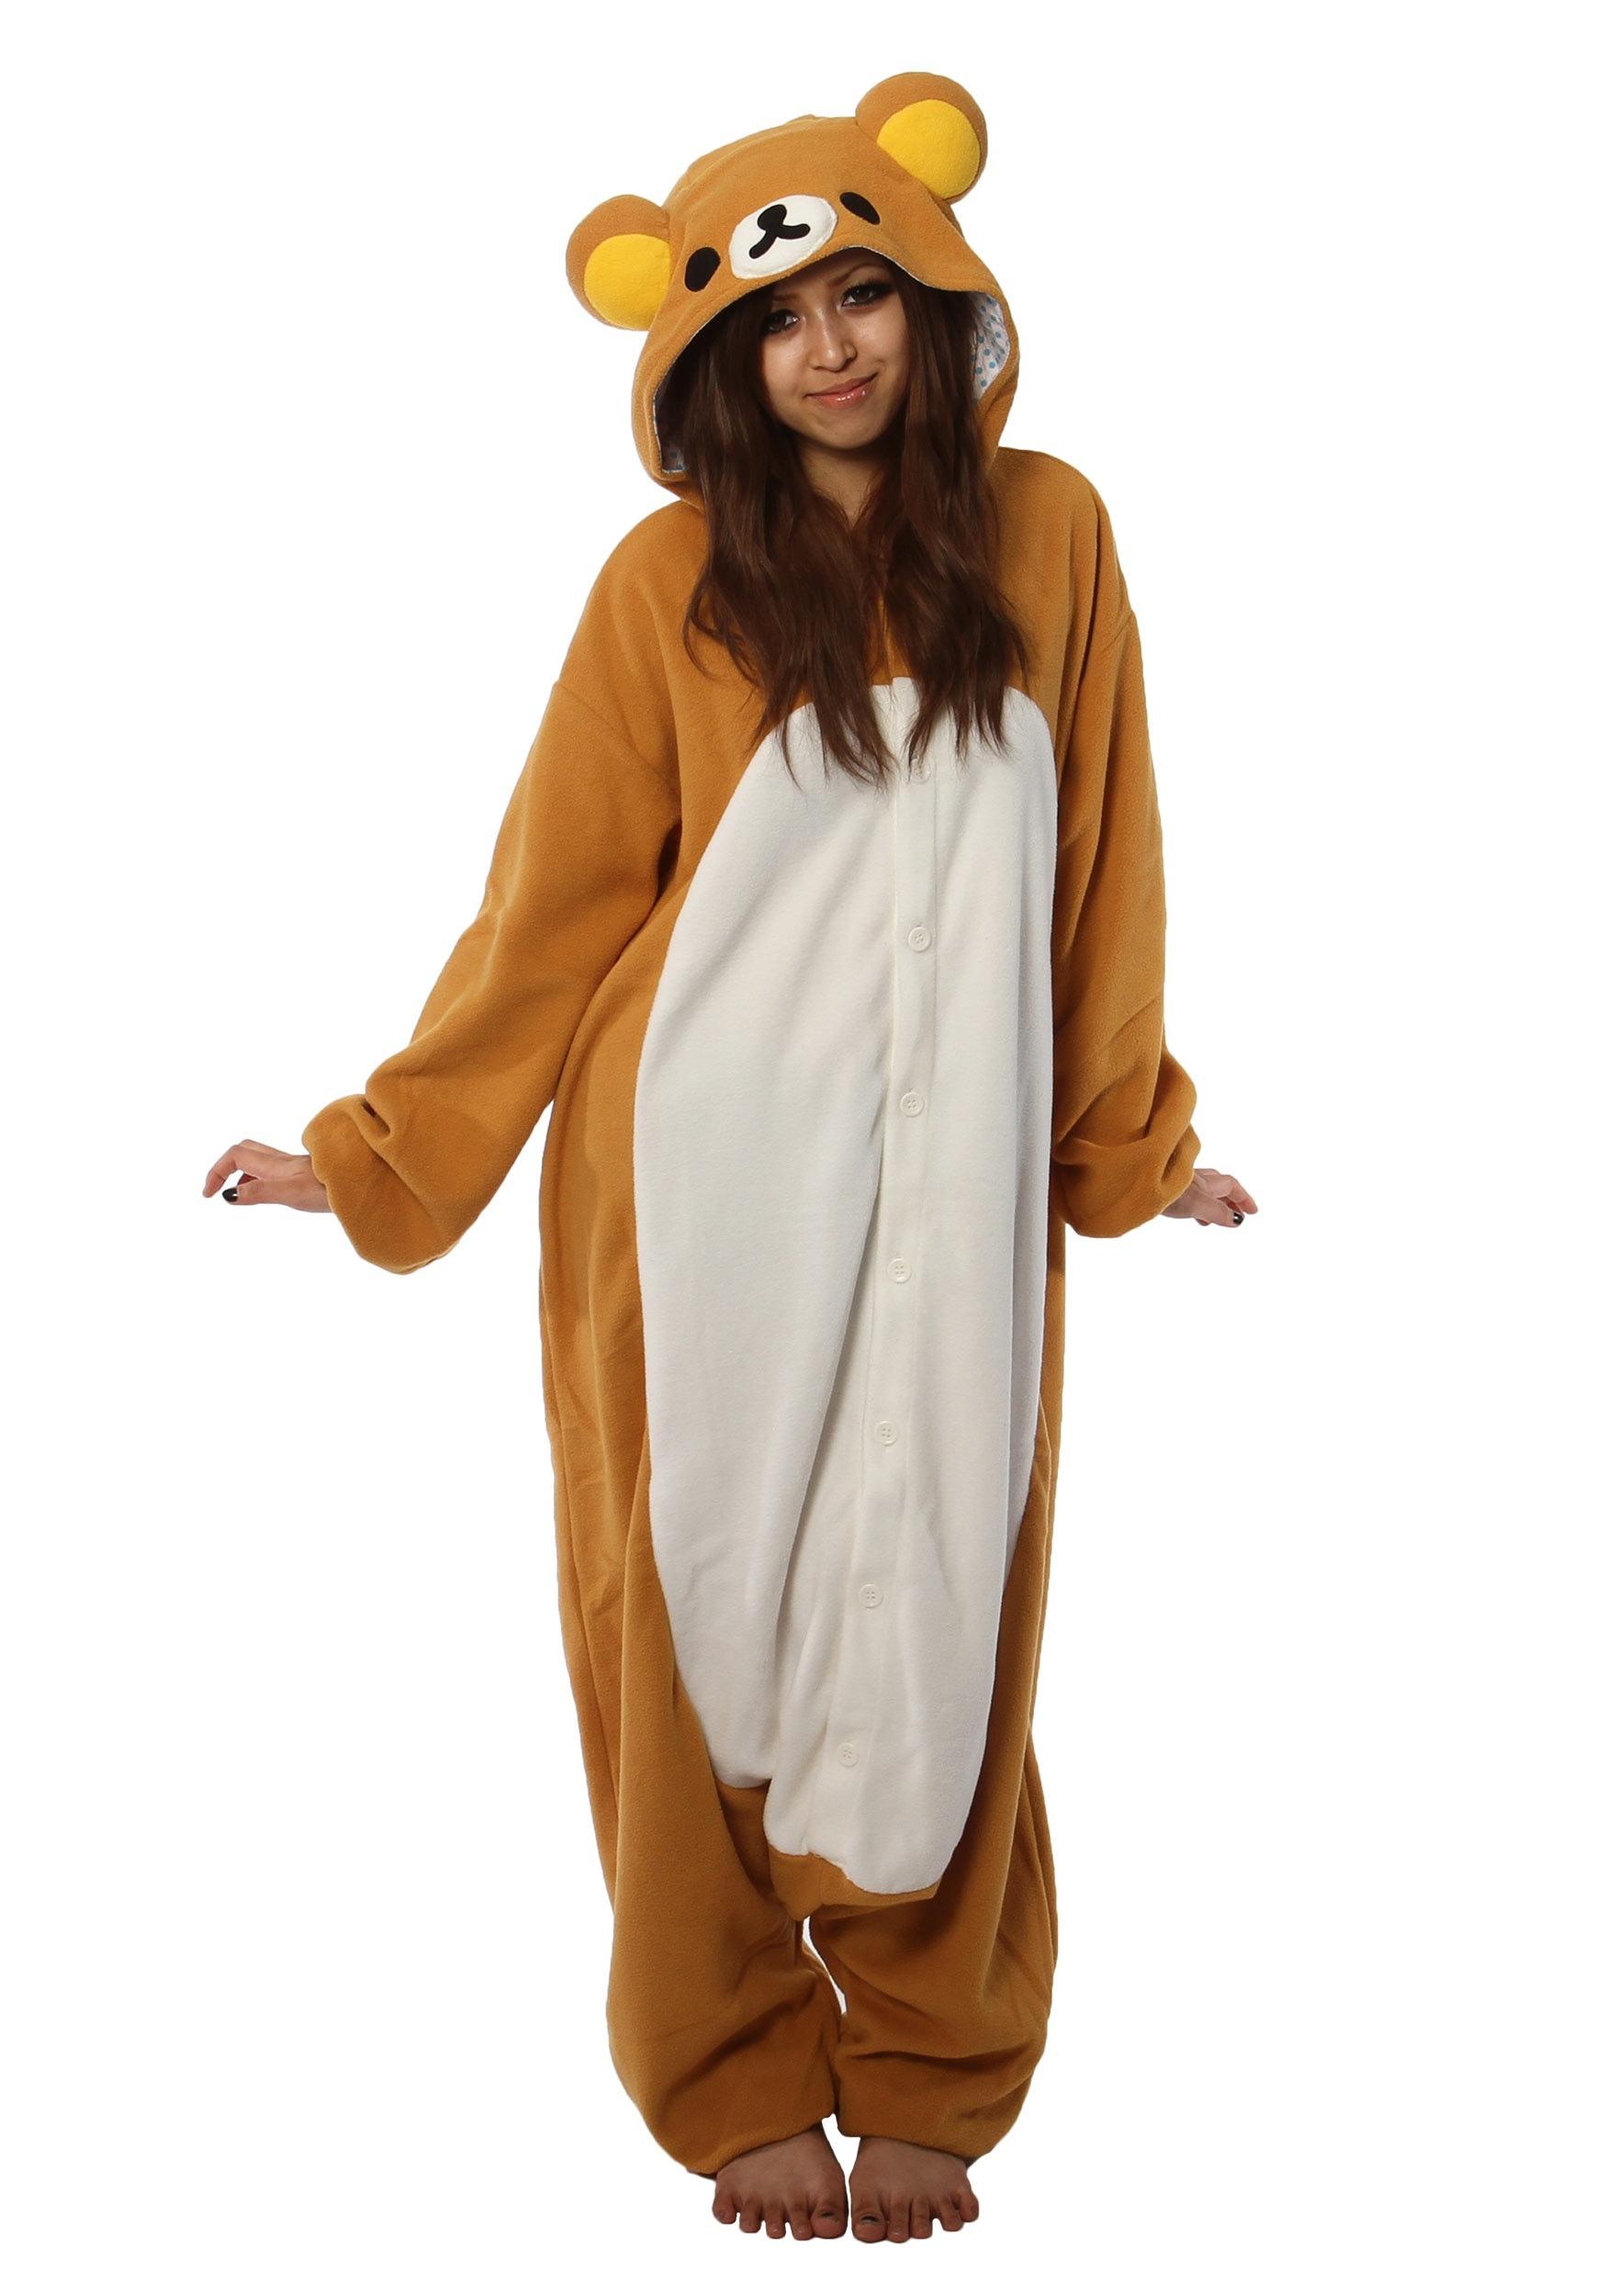 adult-rilakkuma-kigurumi-pajama-costume.jpg aa0b280d8